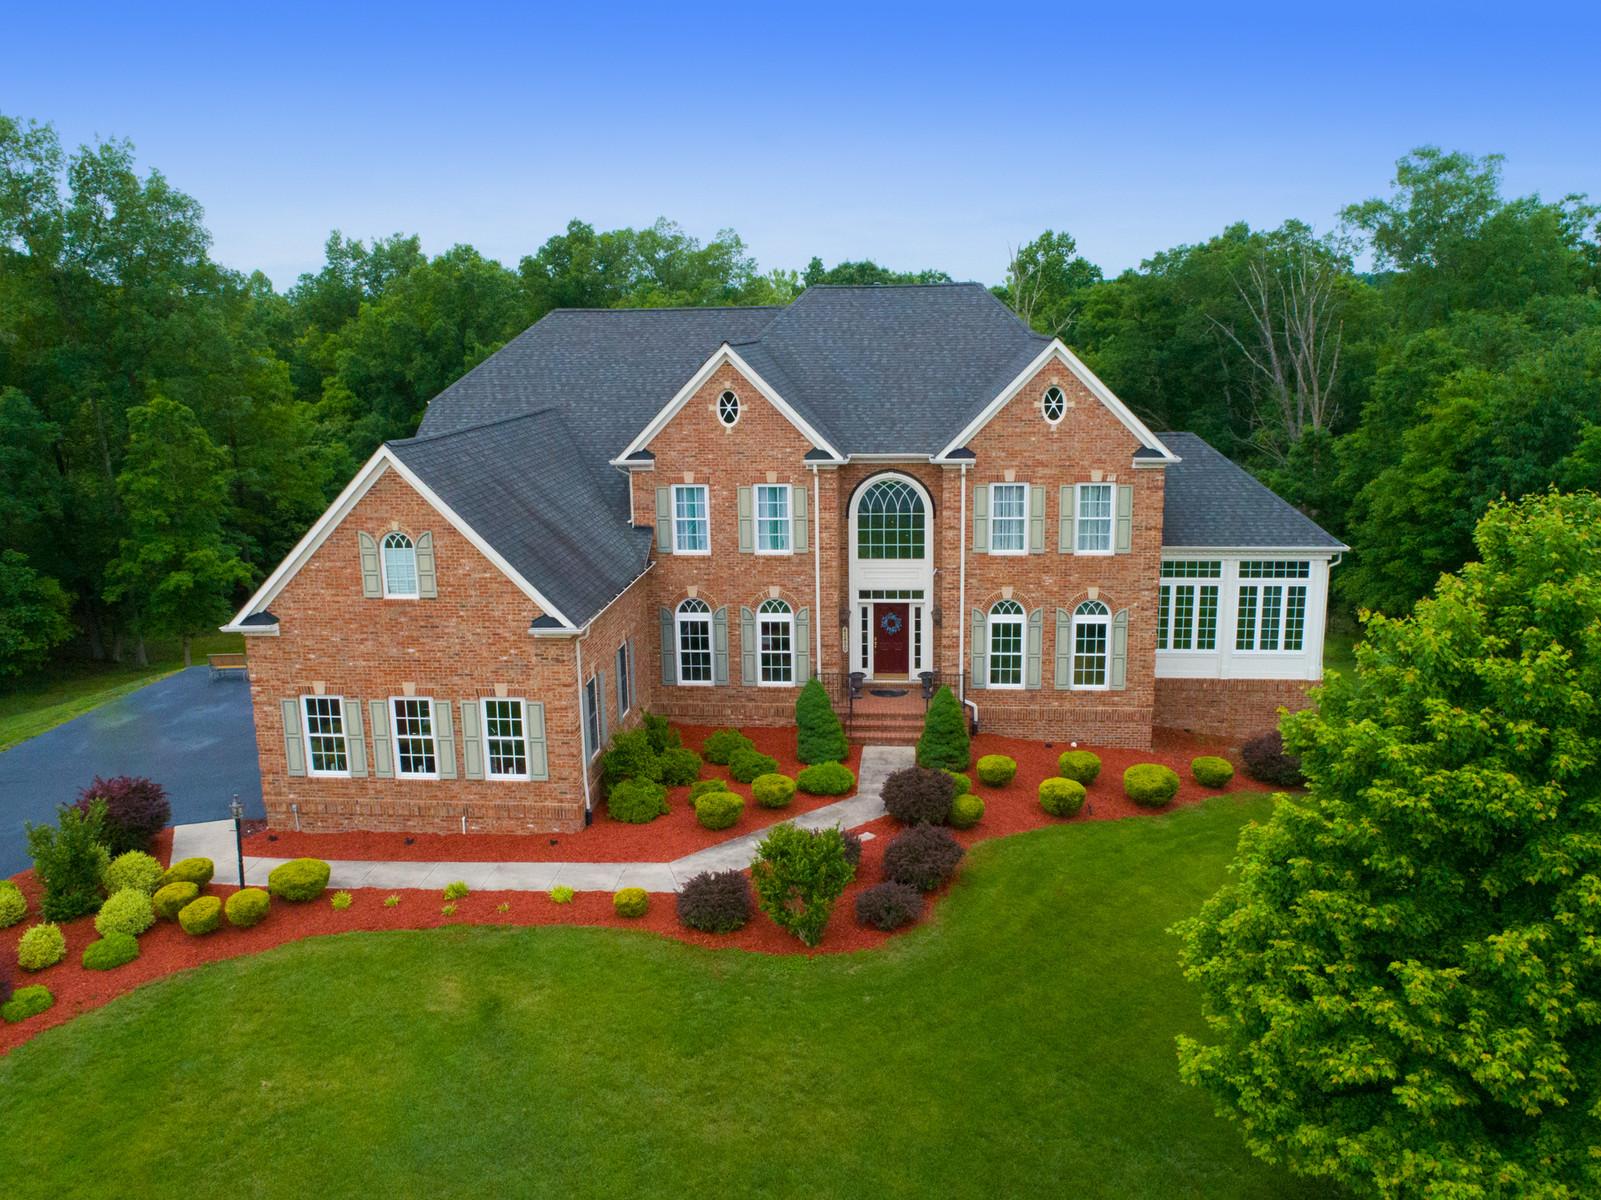 Μονοκατοικία για την Πώληση στο 7,500 Square Foot NV Home Clifton Park on 3 Acres 42490 Iron Bit Pl Chantilly, Βιρτζινια 20152 Ηνωμενεσ Πολιτειεσ